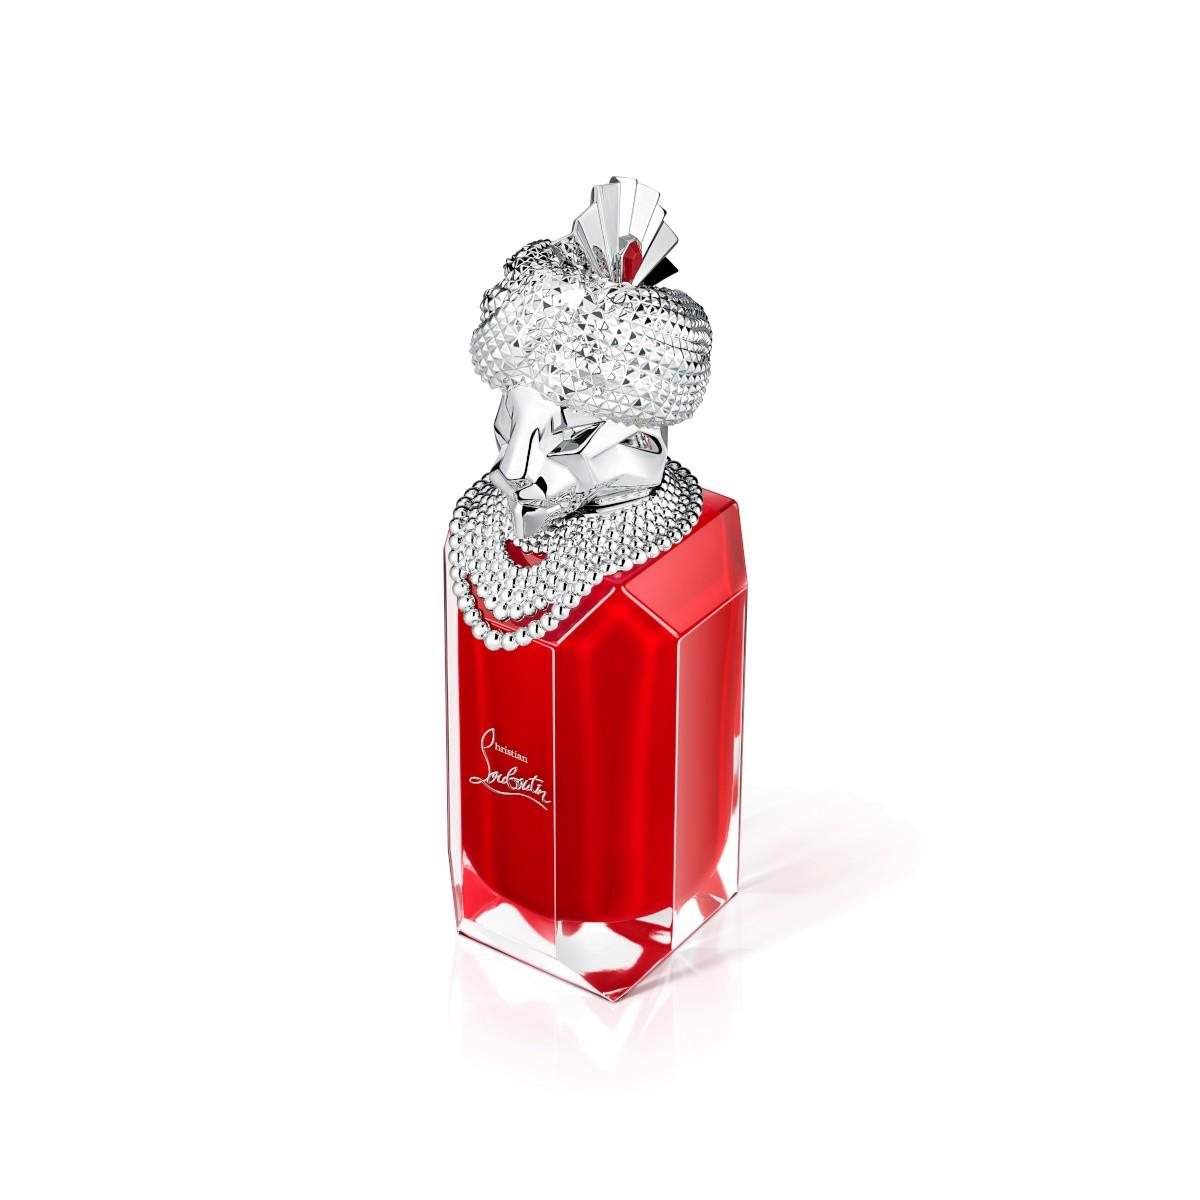 Beauty - Loubiraj Eau De Parfum - Christian Louboutin